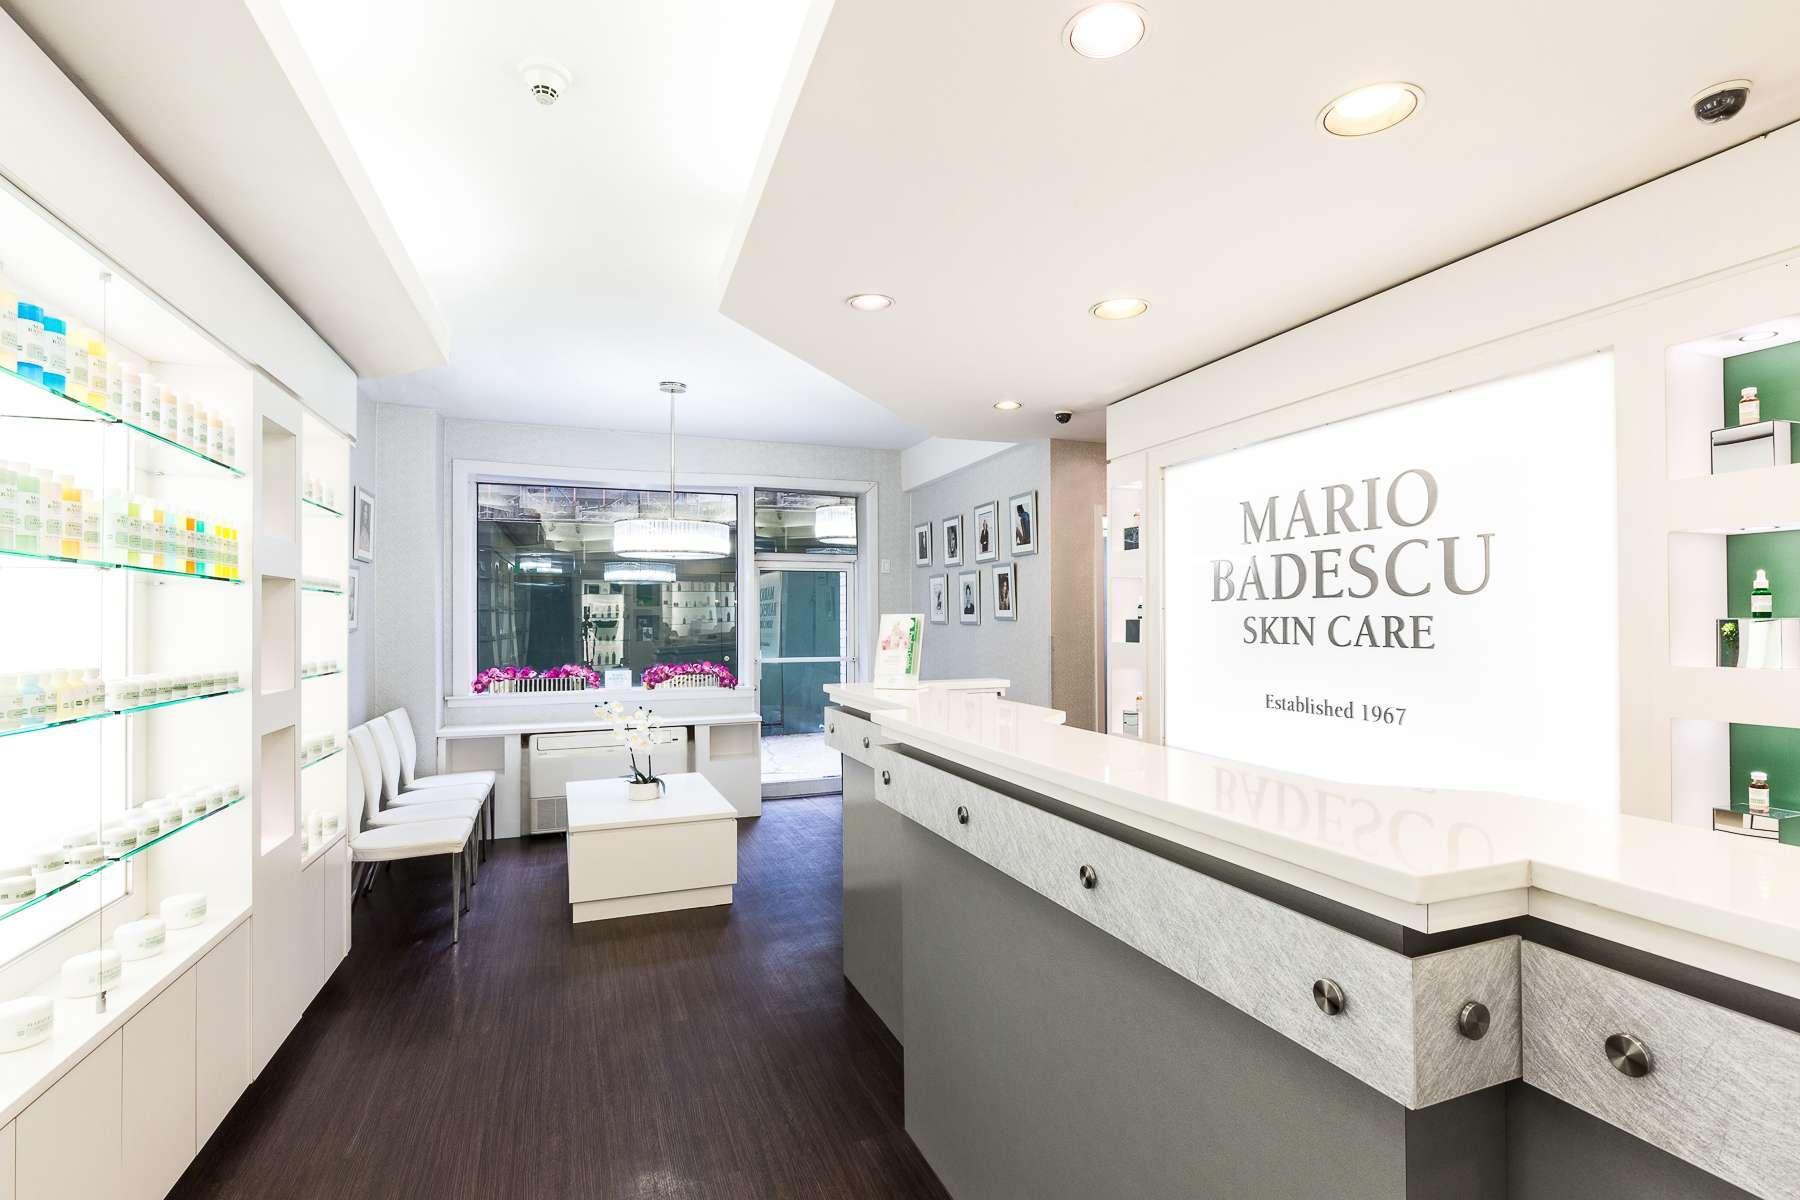 Mario Badescu Spa